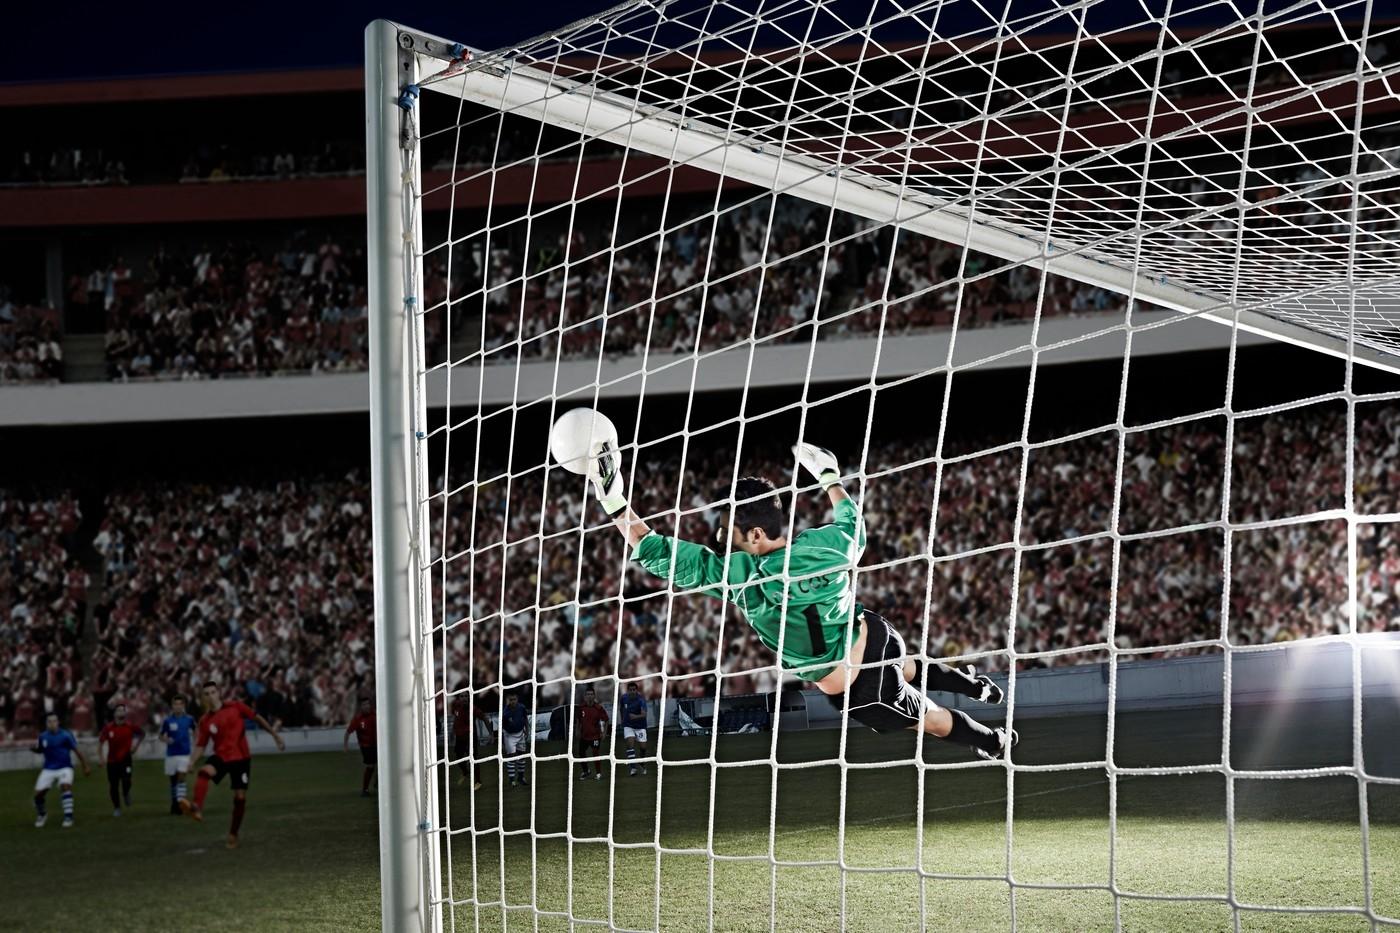 Fotbal, ilustrační foto. Foto: Profimedia.cz